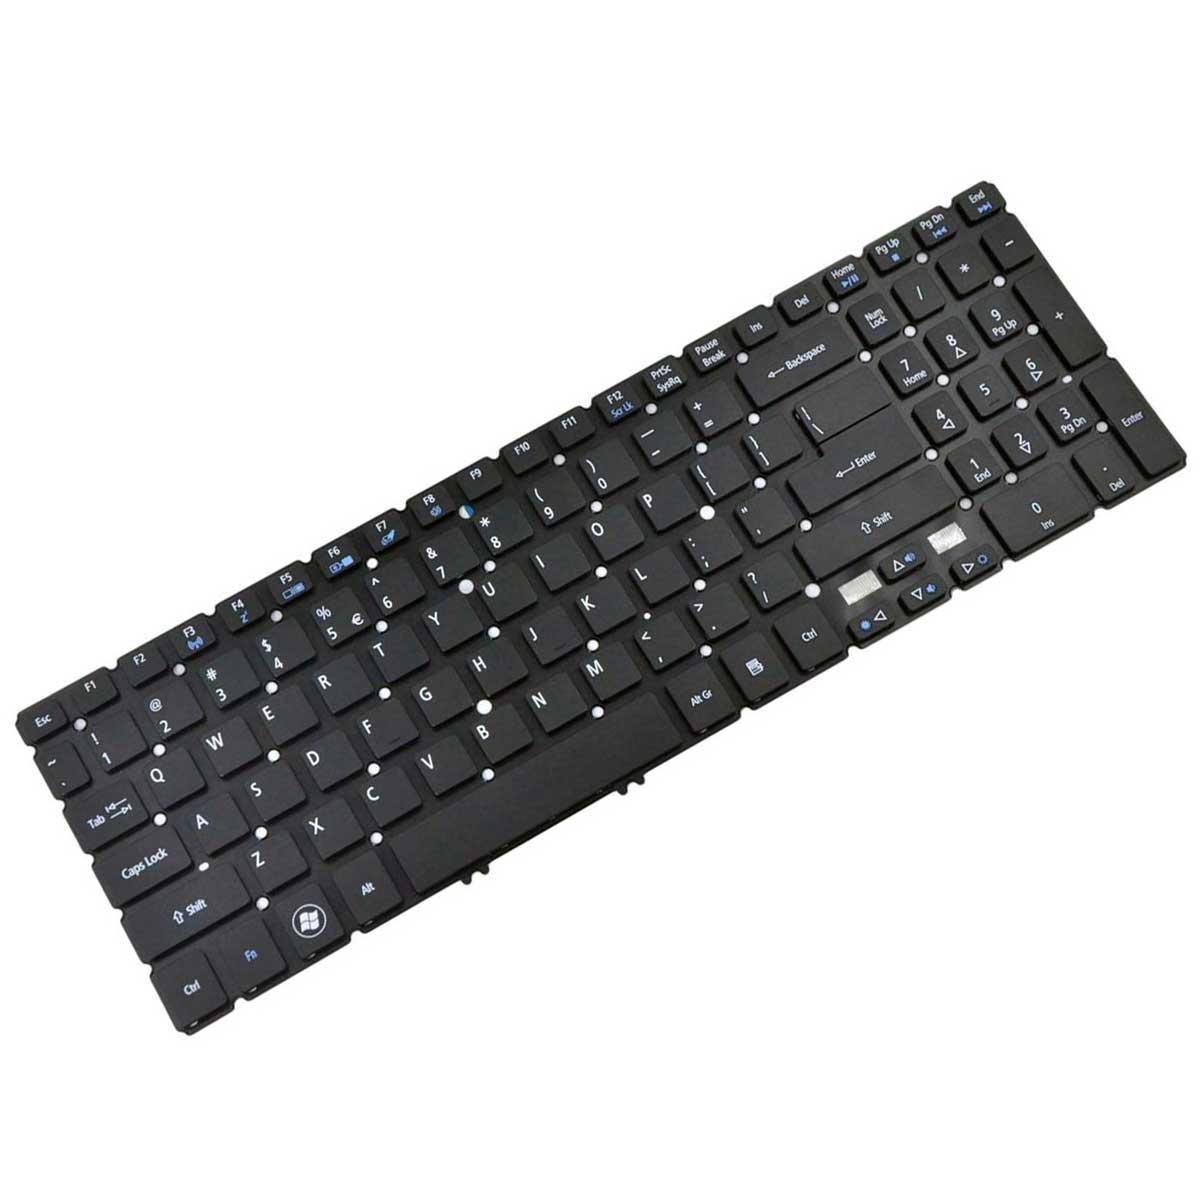 کیبورد لپ تاپ ایسر Keyboard Laptop Acer V5-531